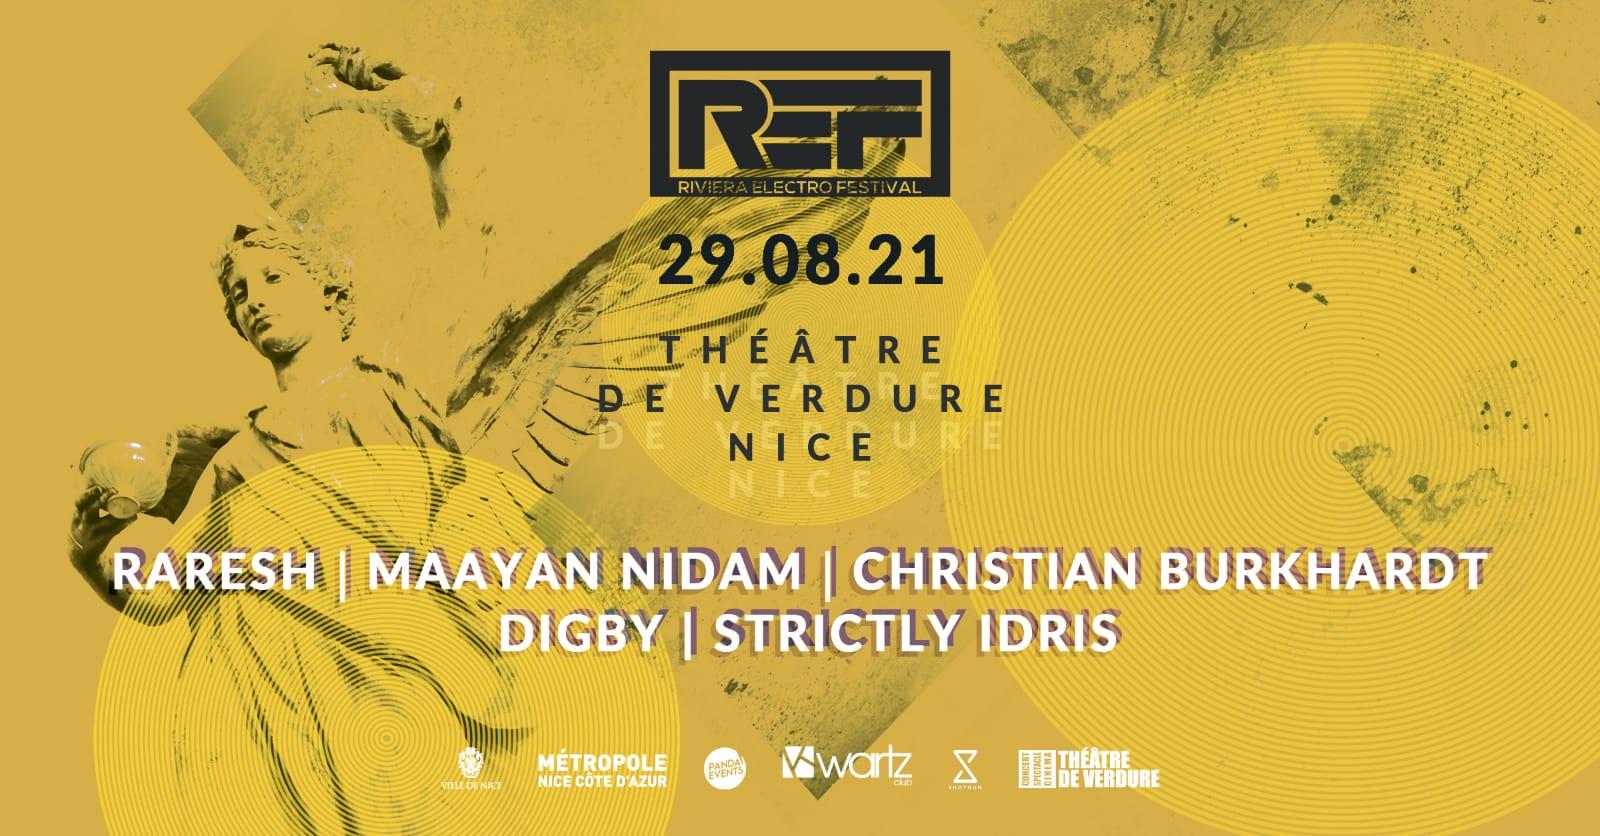 Riviera Electro Festival 2021